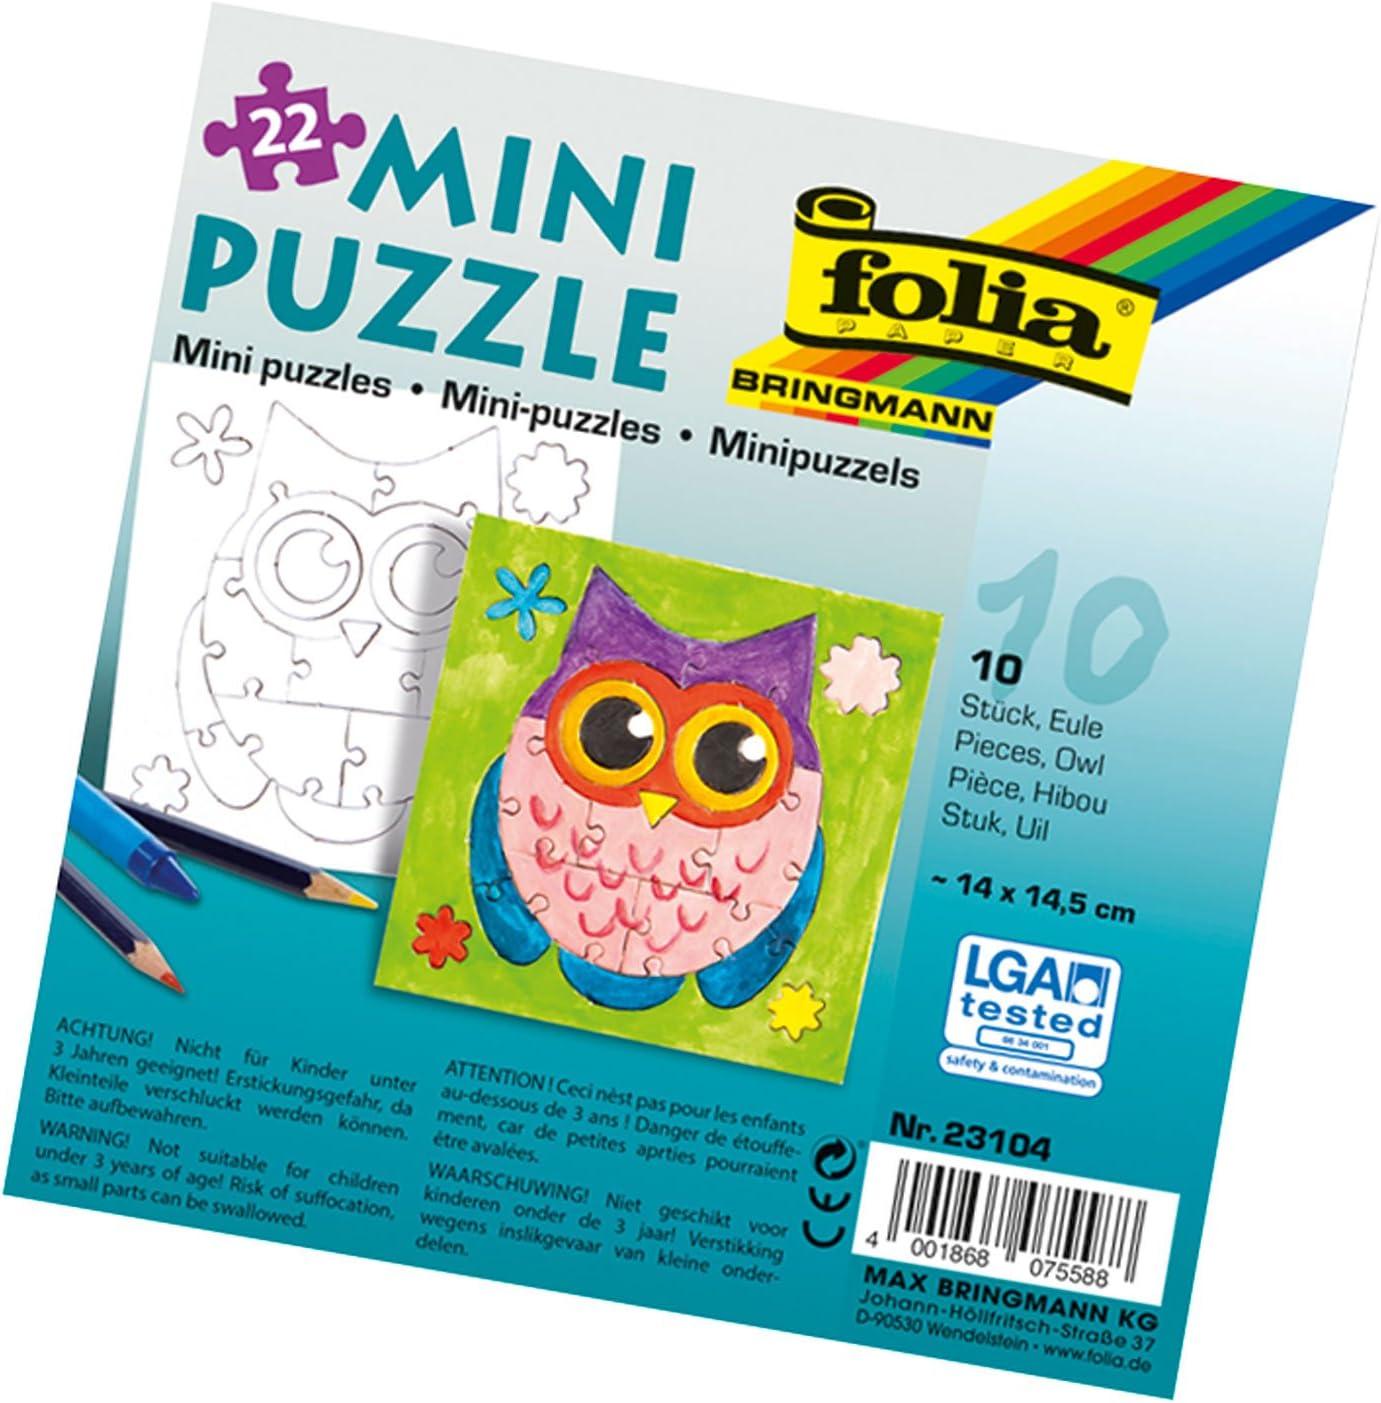 folia 23104Mini Puzzle Owl 2020 14x 10W 22Pack 売買 14.5cm of Set